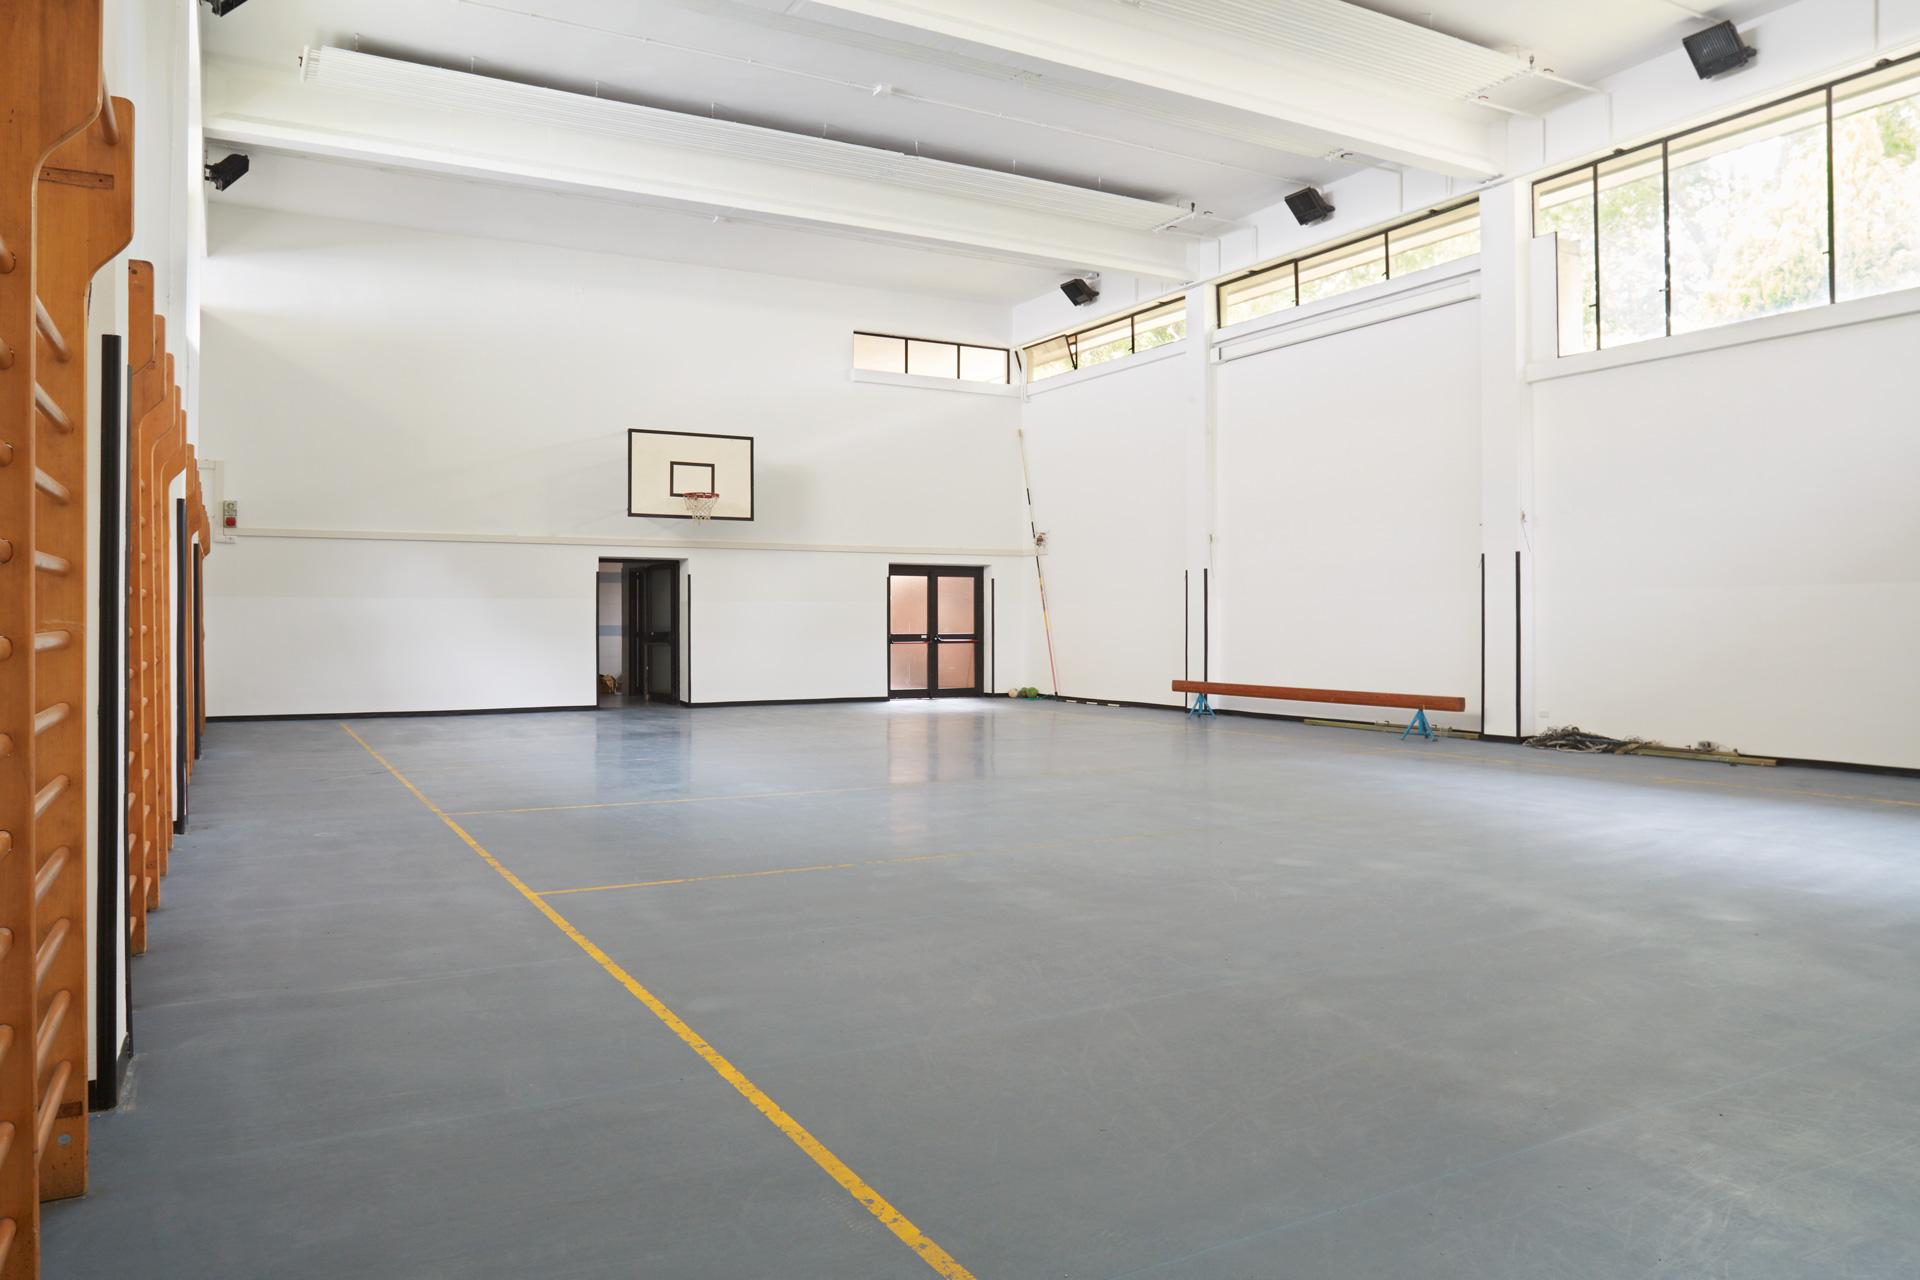 La sede di Monza del Collegio Villoresi: la palestra